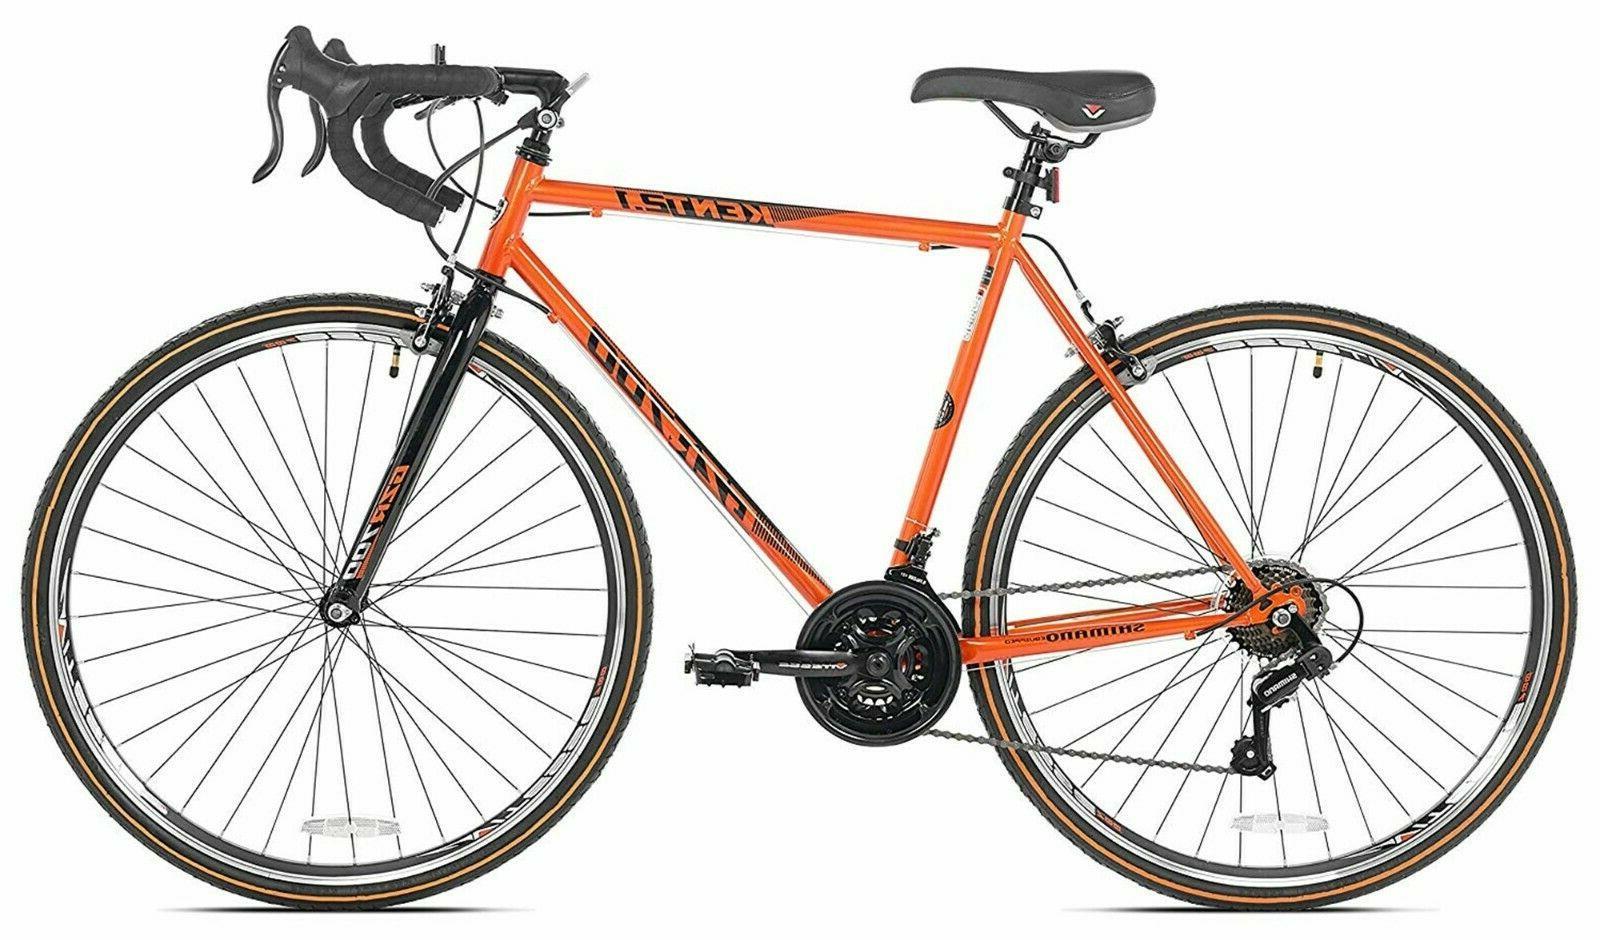 Kent 700c GZR700 Road Bike